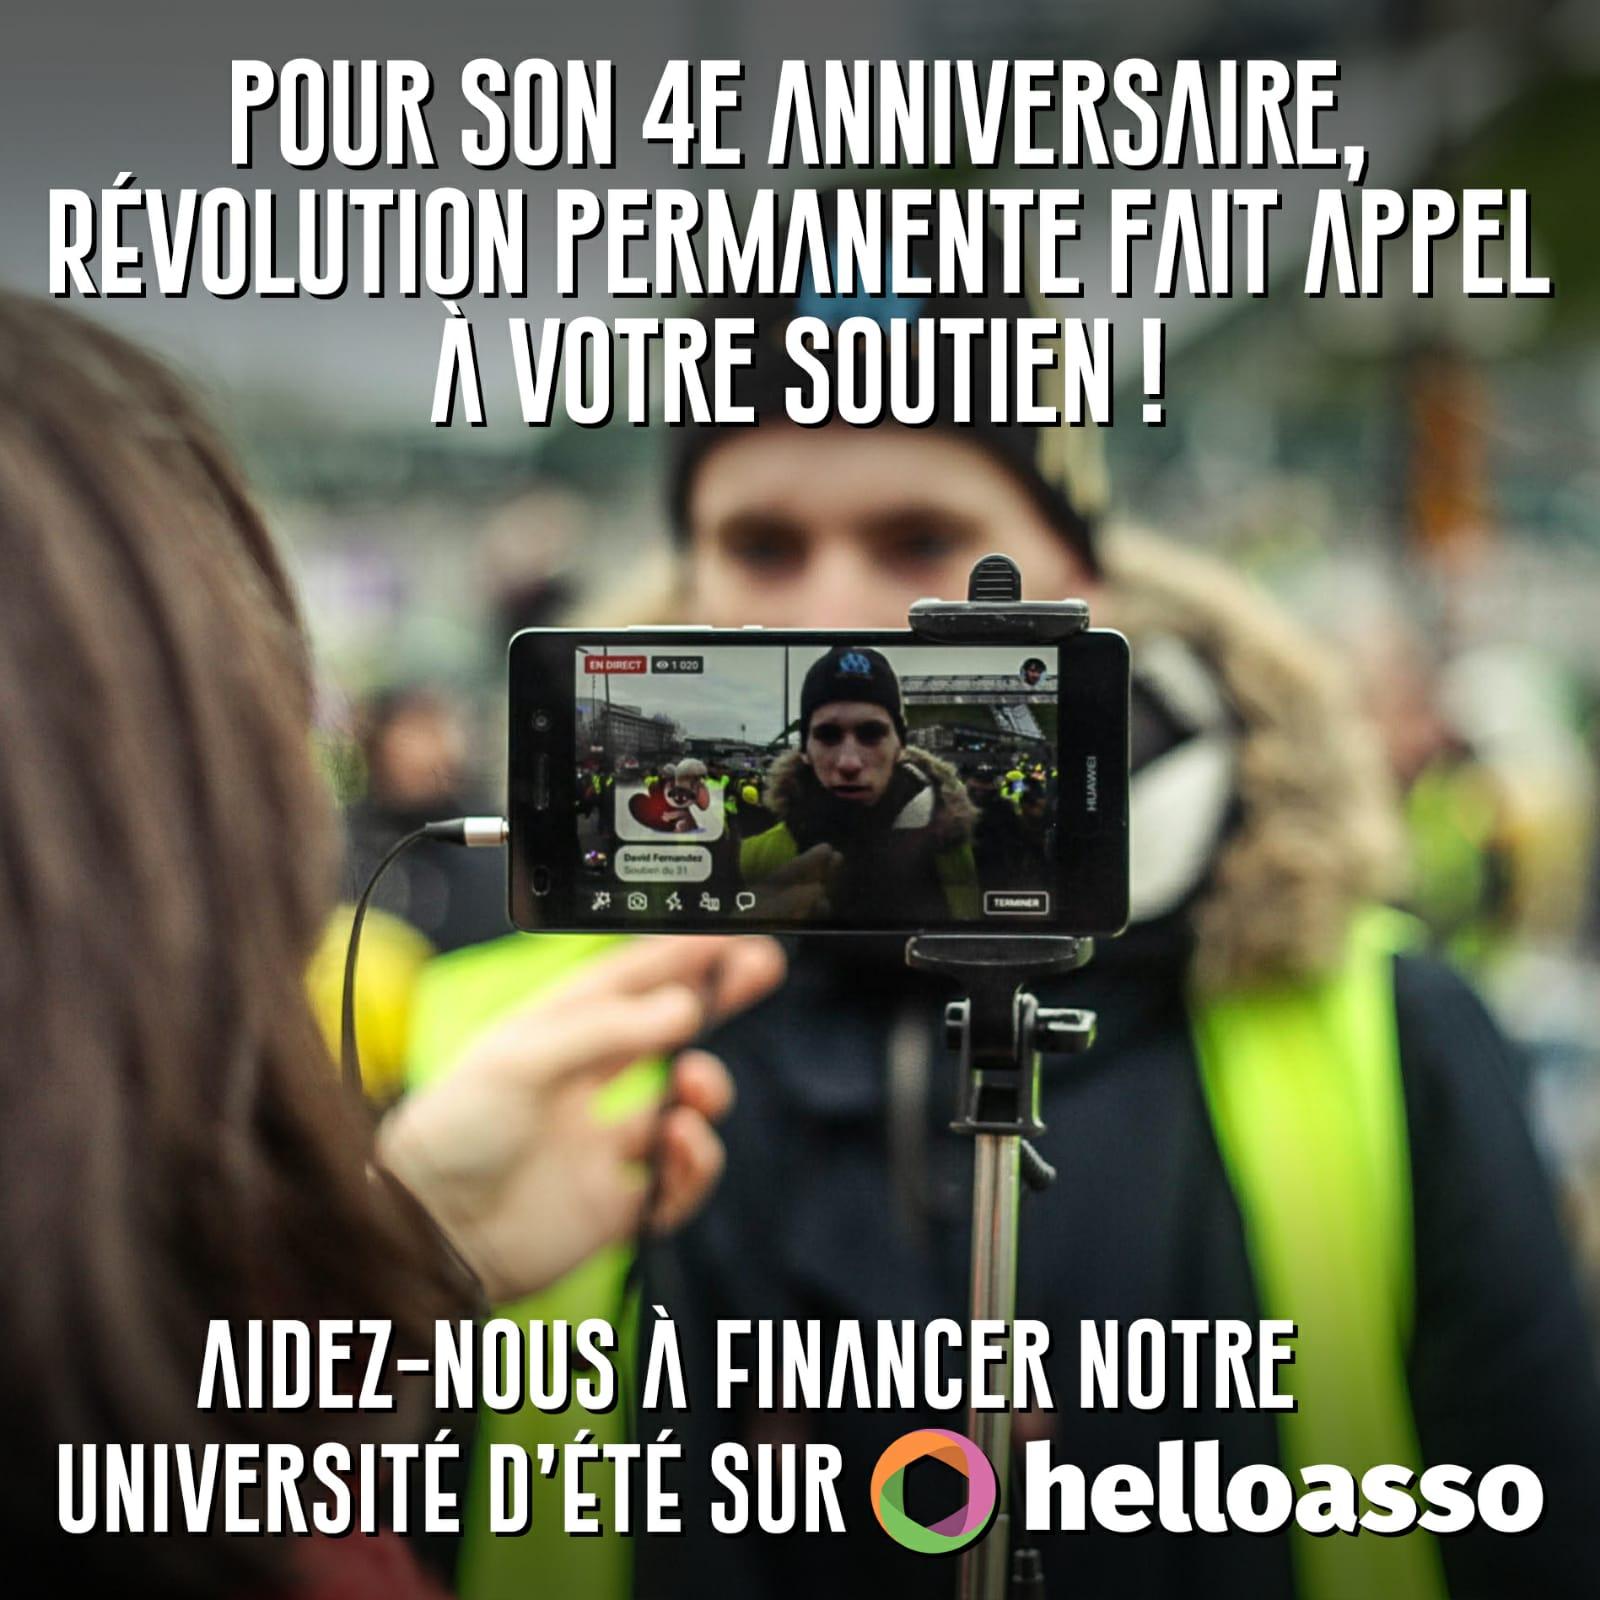 Soutenez l'Université d'été révolutionnaire et Internationaliste #02.